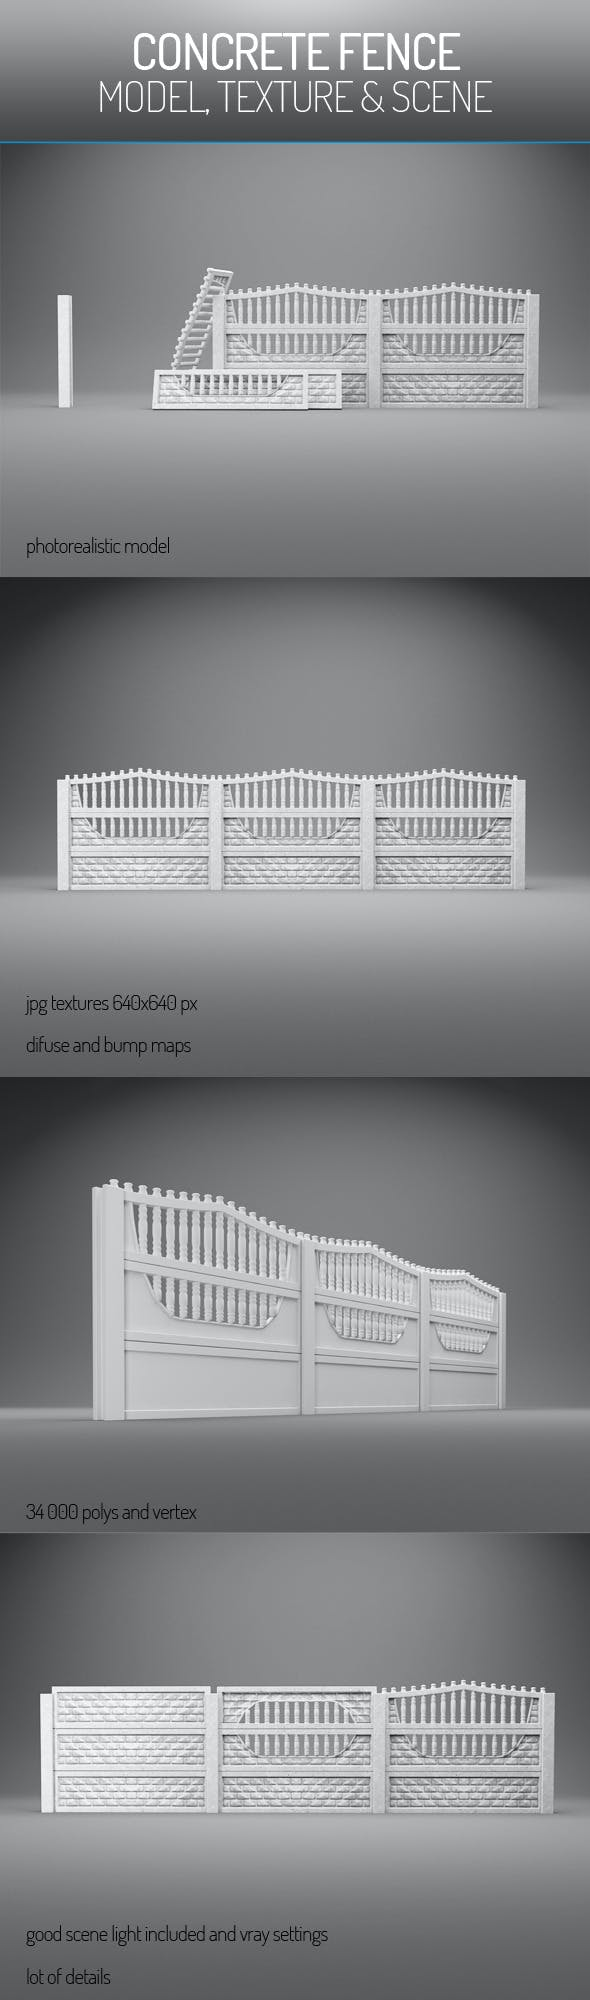 Concrete Fence - 3DOcean Item for Sale